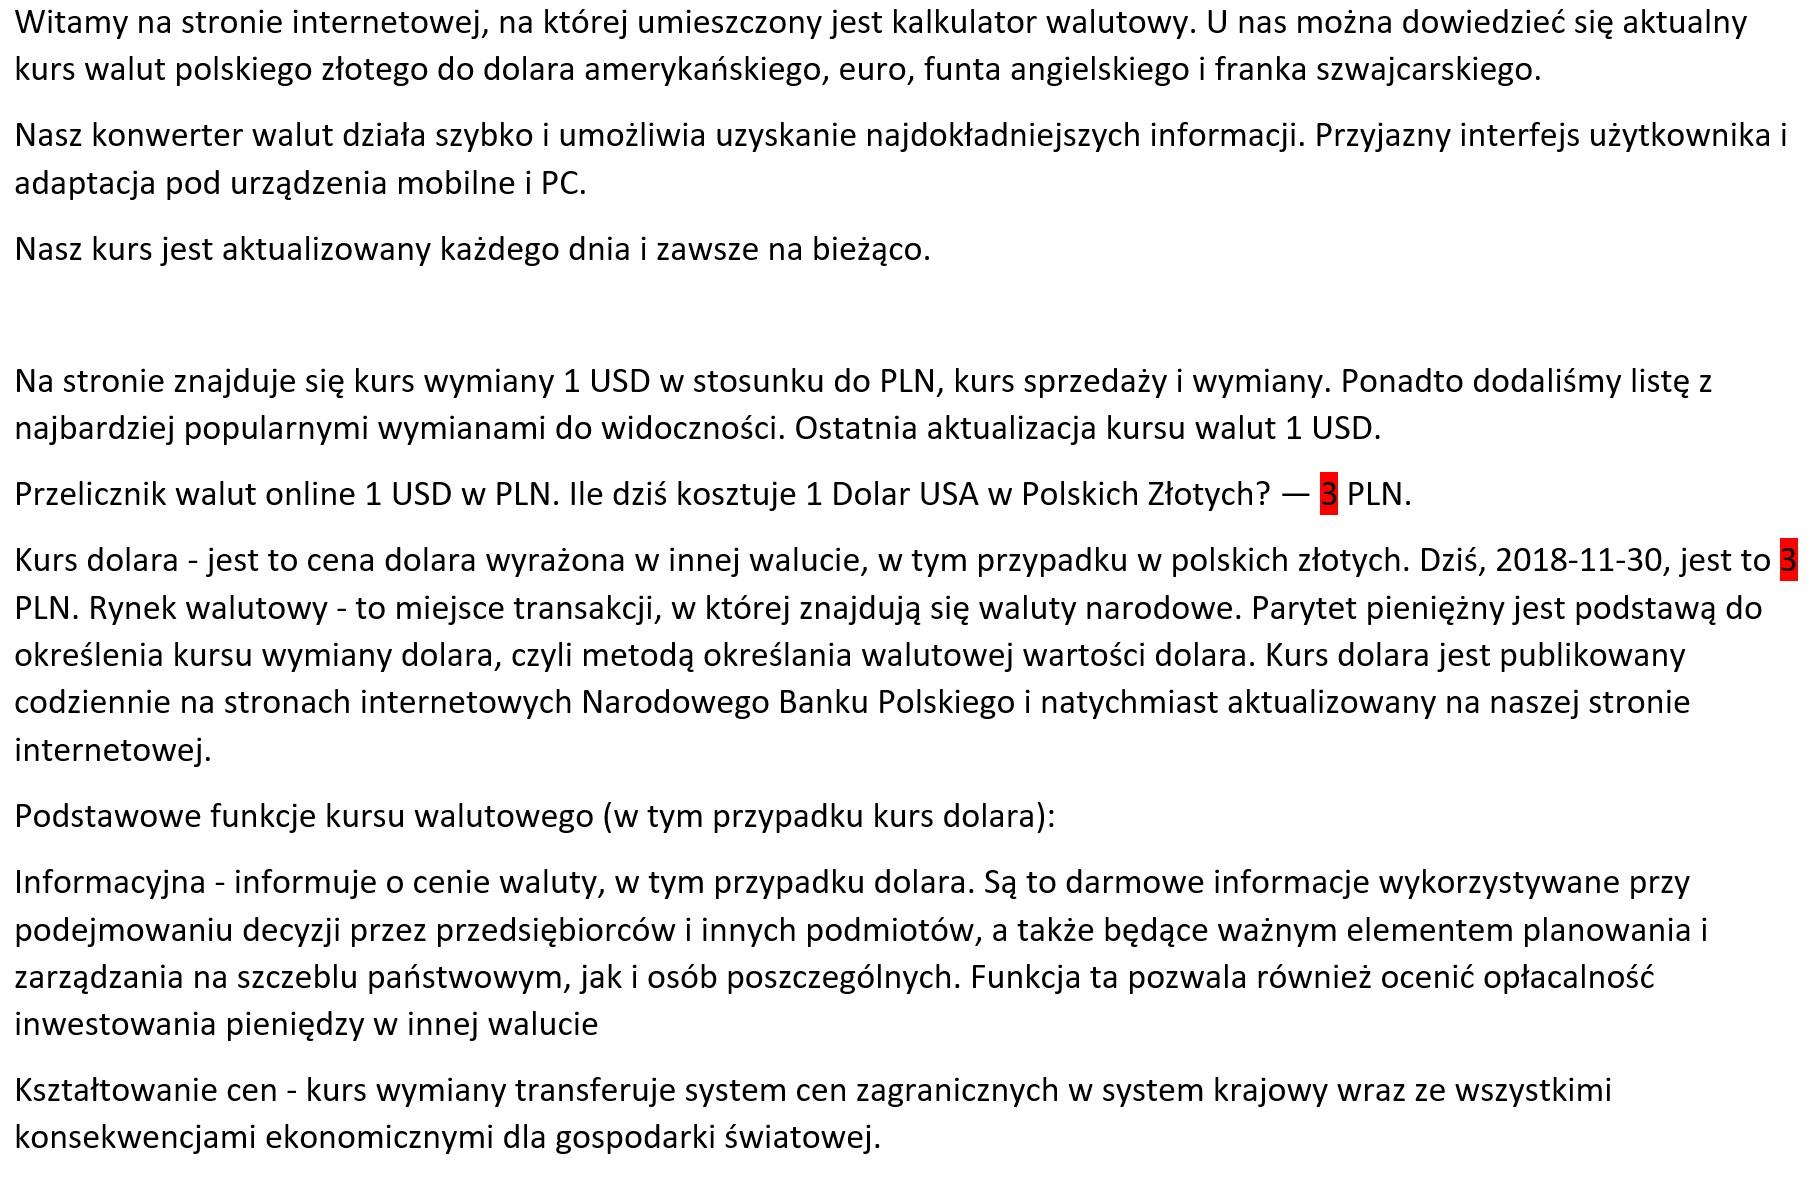 Lietoz-PL.jpg